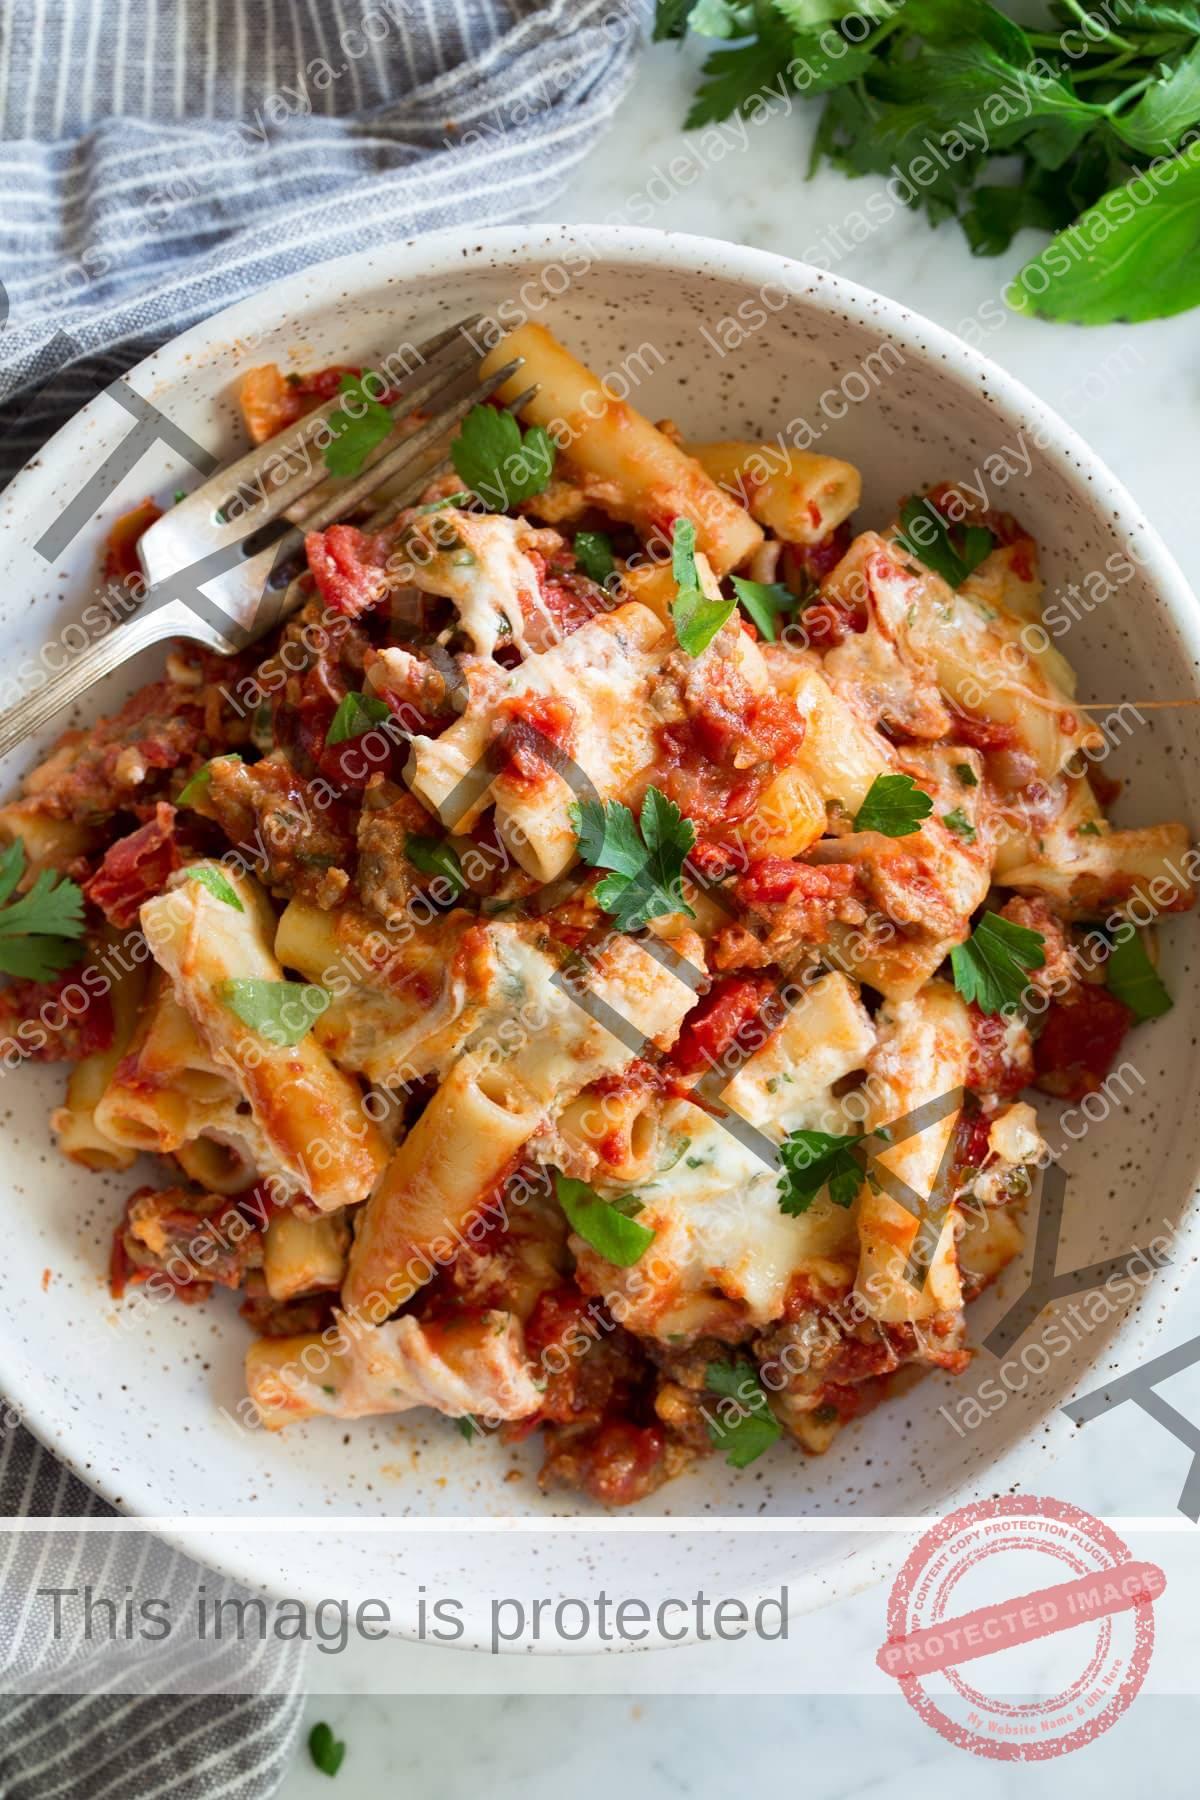 Tazón de ziti al horno que incluye pasta ziti, salchicha, salsa marinara, tres tipos de queso italiano y hierbas frescas.